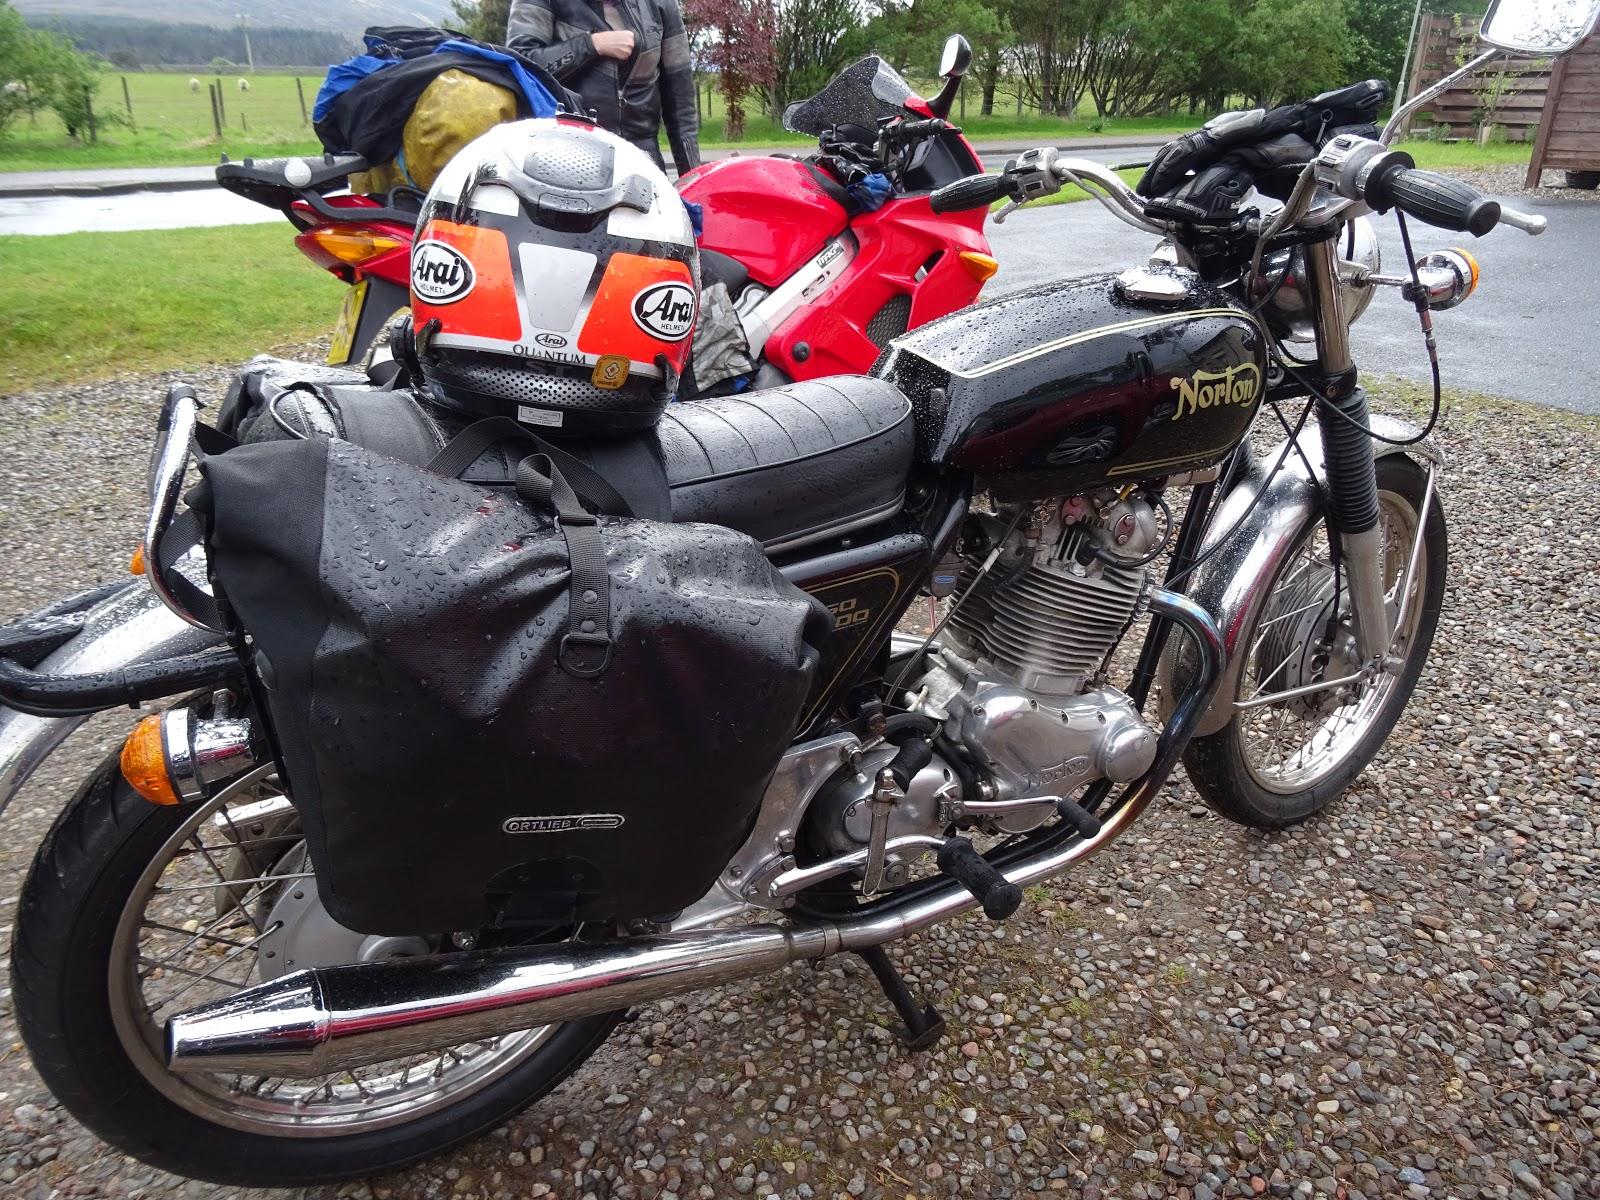 Gino's Travels: A Norton Commando obsession on